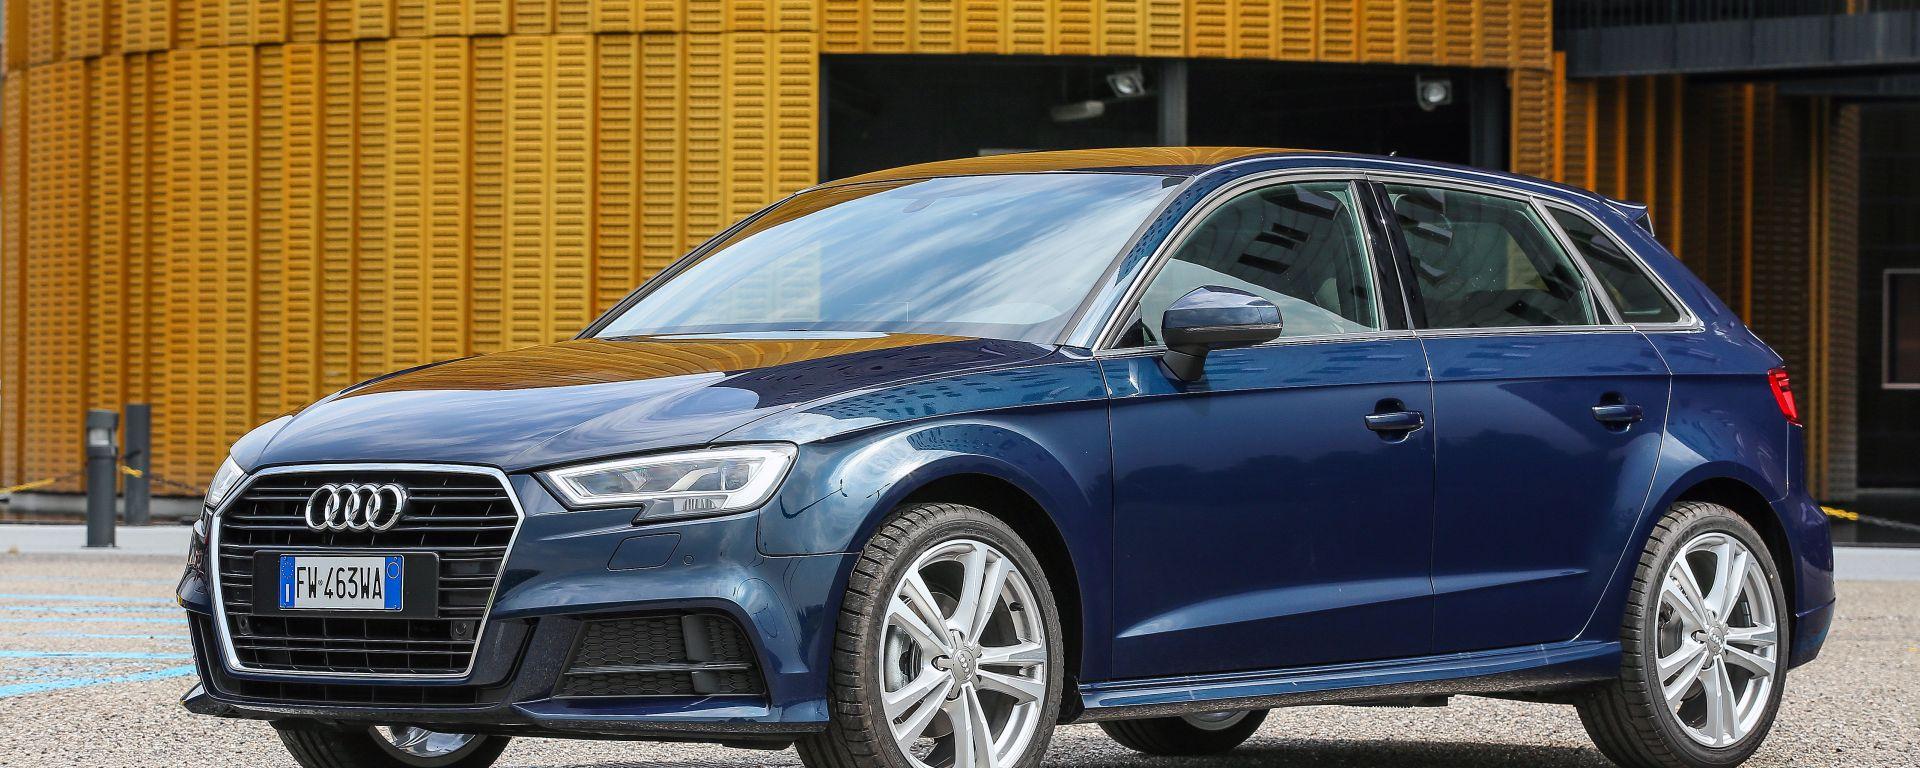 Audi A3 G-Tron nuovo motore e 400 km di autonomia a gas!